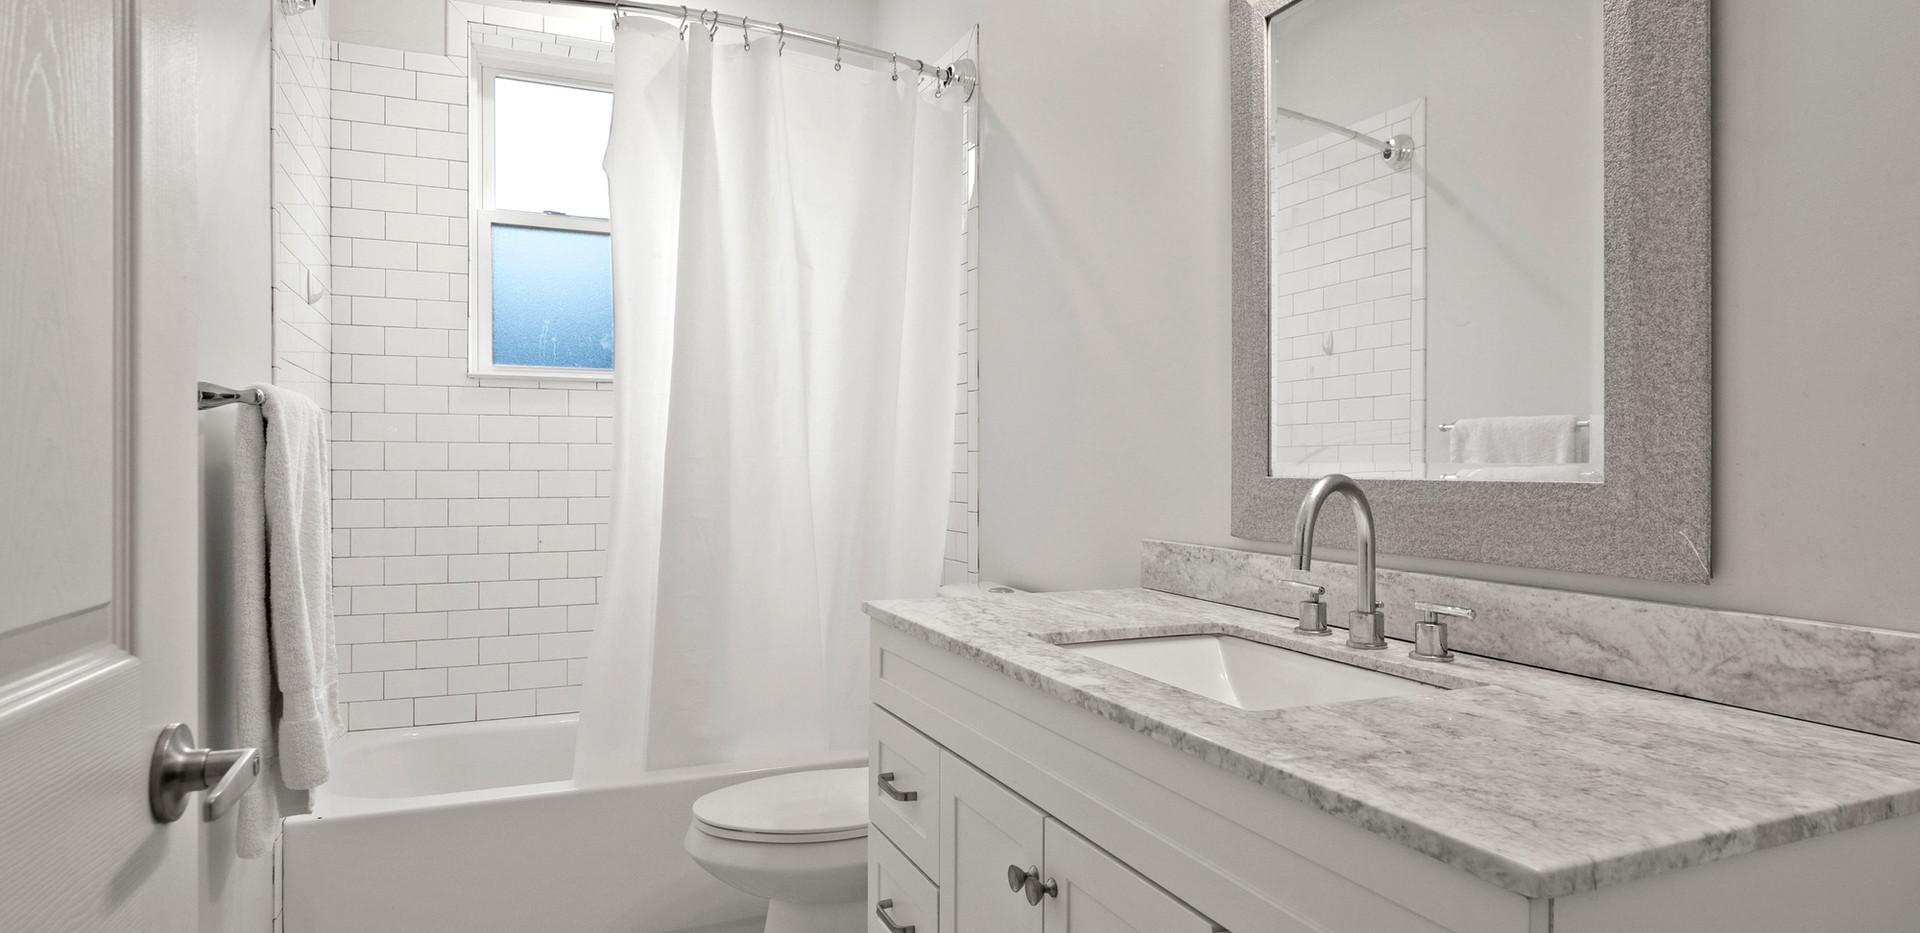 23_Washington_2_Bathroom2.JPG